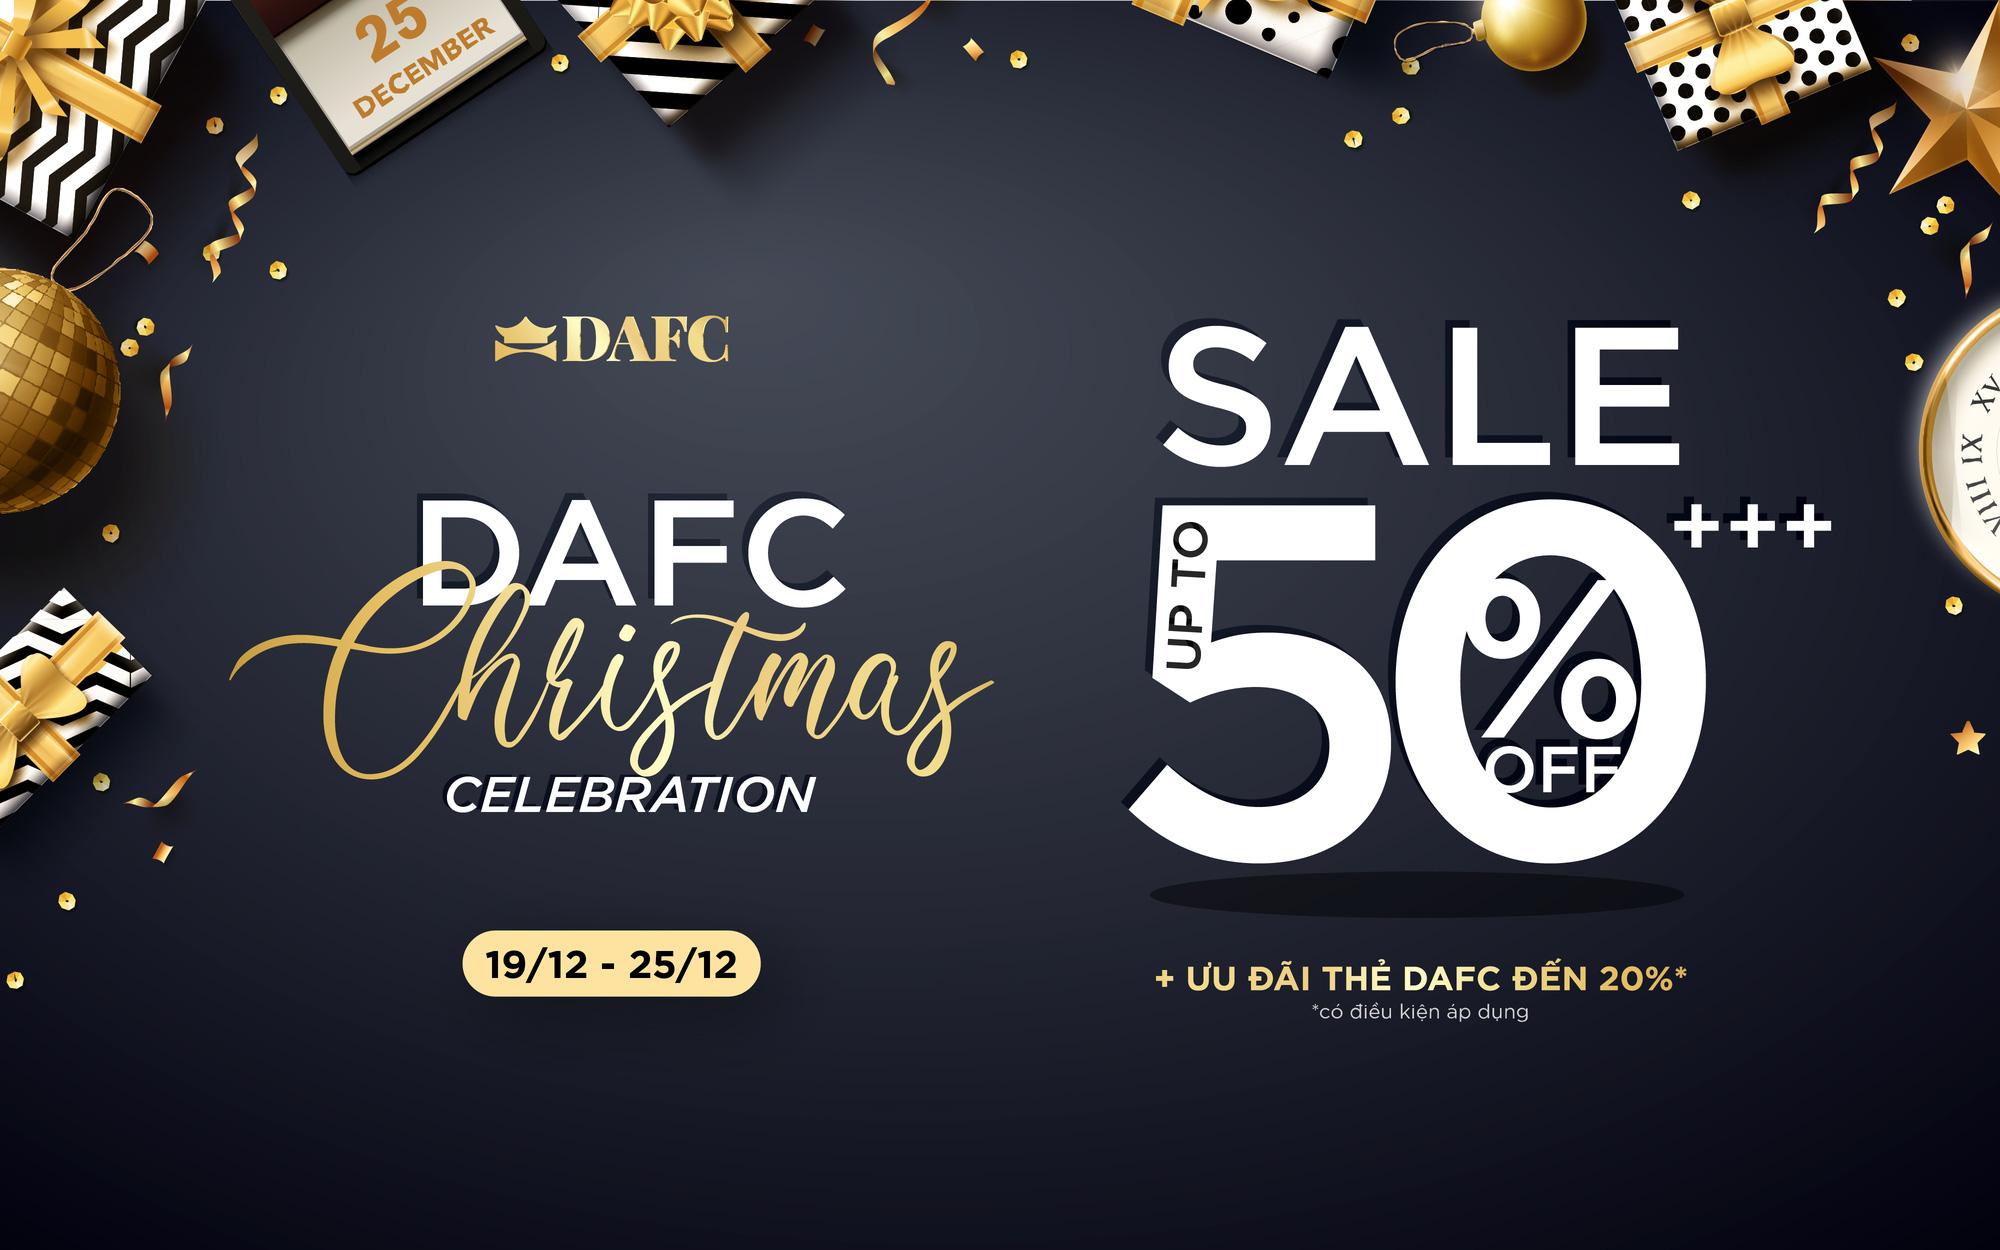 Happy Christmas – Bùng nổ ưu đãi 50%++ của hơn 60 thương hiệu hàng đầu thế giới cùng DAFC - Ảnh 1.